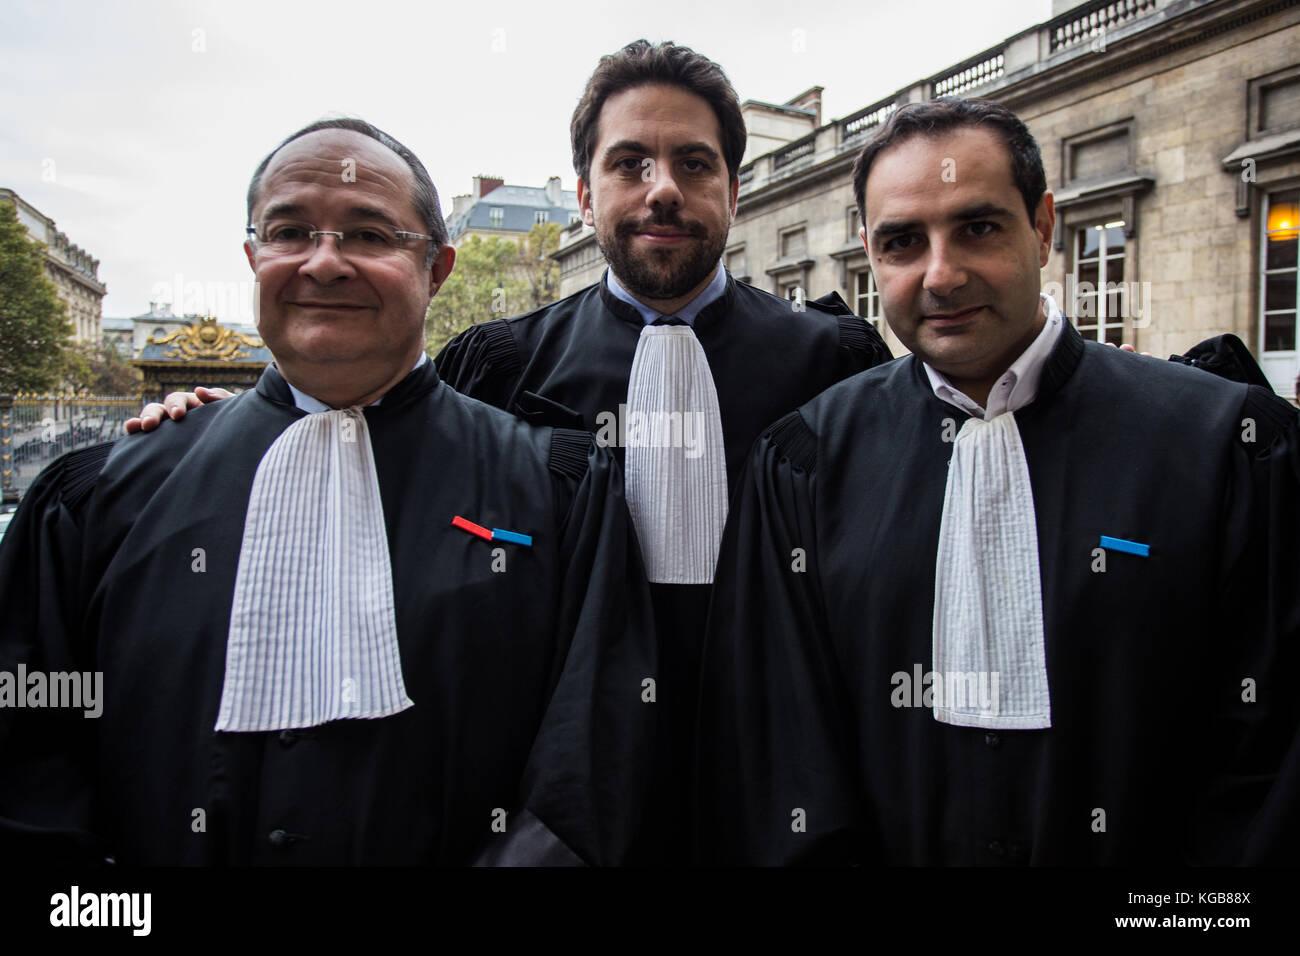 Sadak Souici / Le Pictorium -  Trial Merah, Masters Ariel Goldmann, Patrick Klugman and Elie Korchia -  02/11/2017 - Stock Image